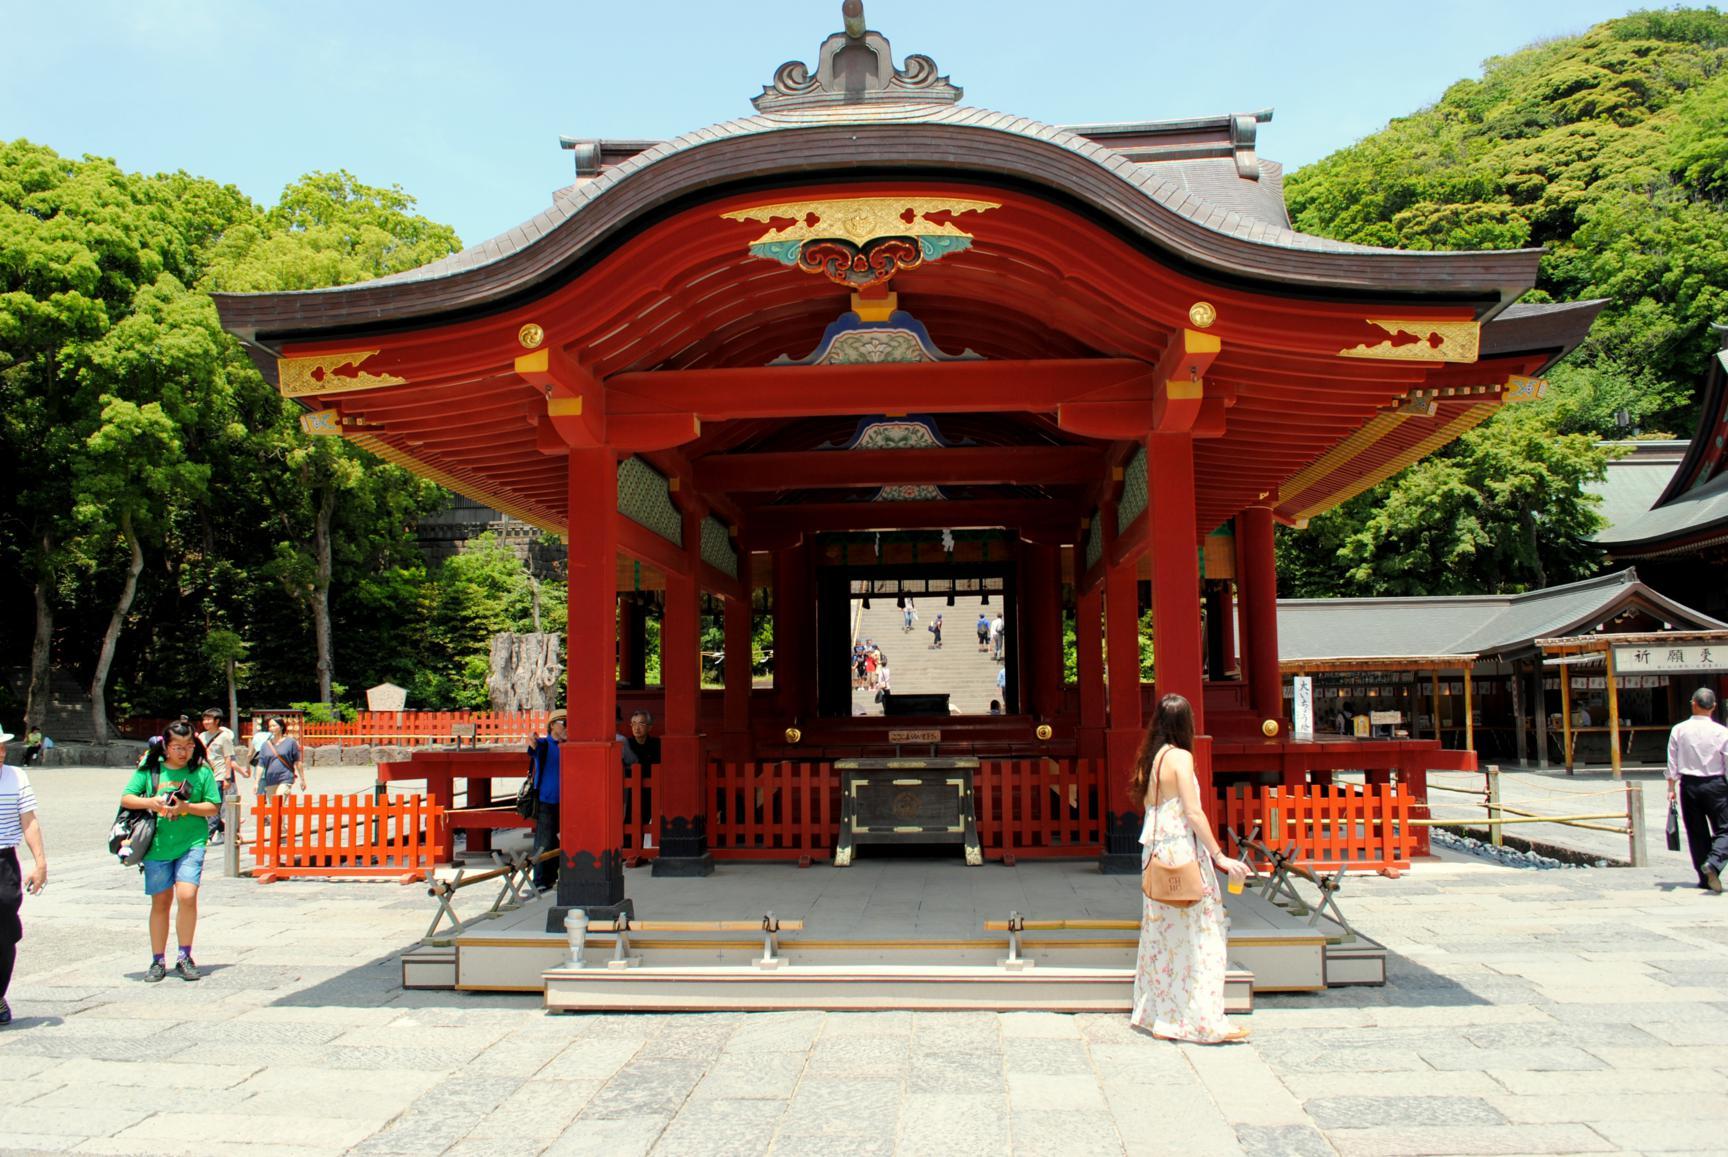 tsurugaoka_hachimangu_3-kamakura